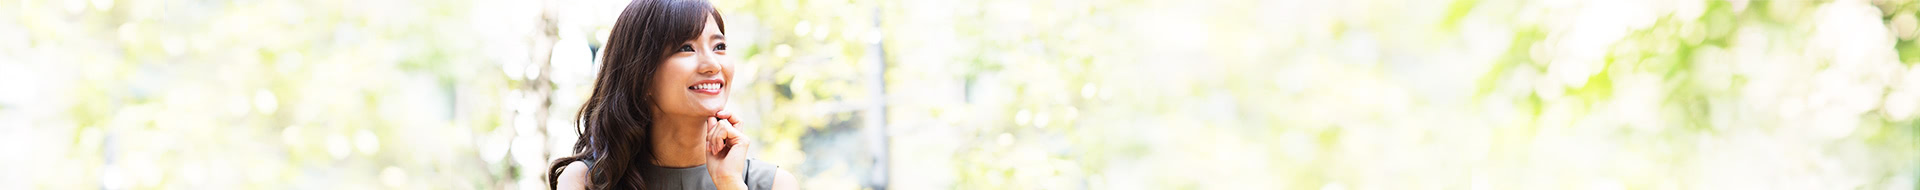 » 1/18 (土) 11:00〜13:00 高年収女子のためのスマート投資術のメインビジュアル